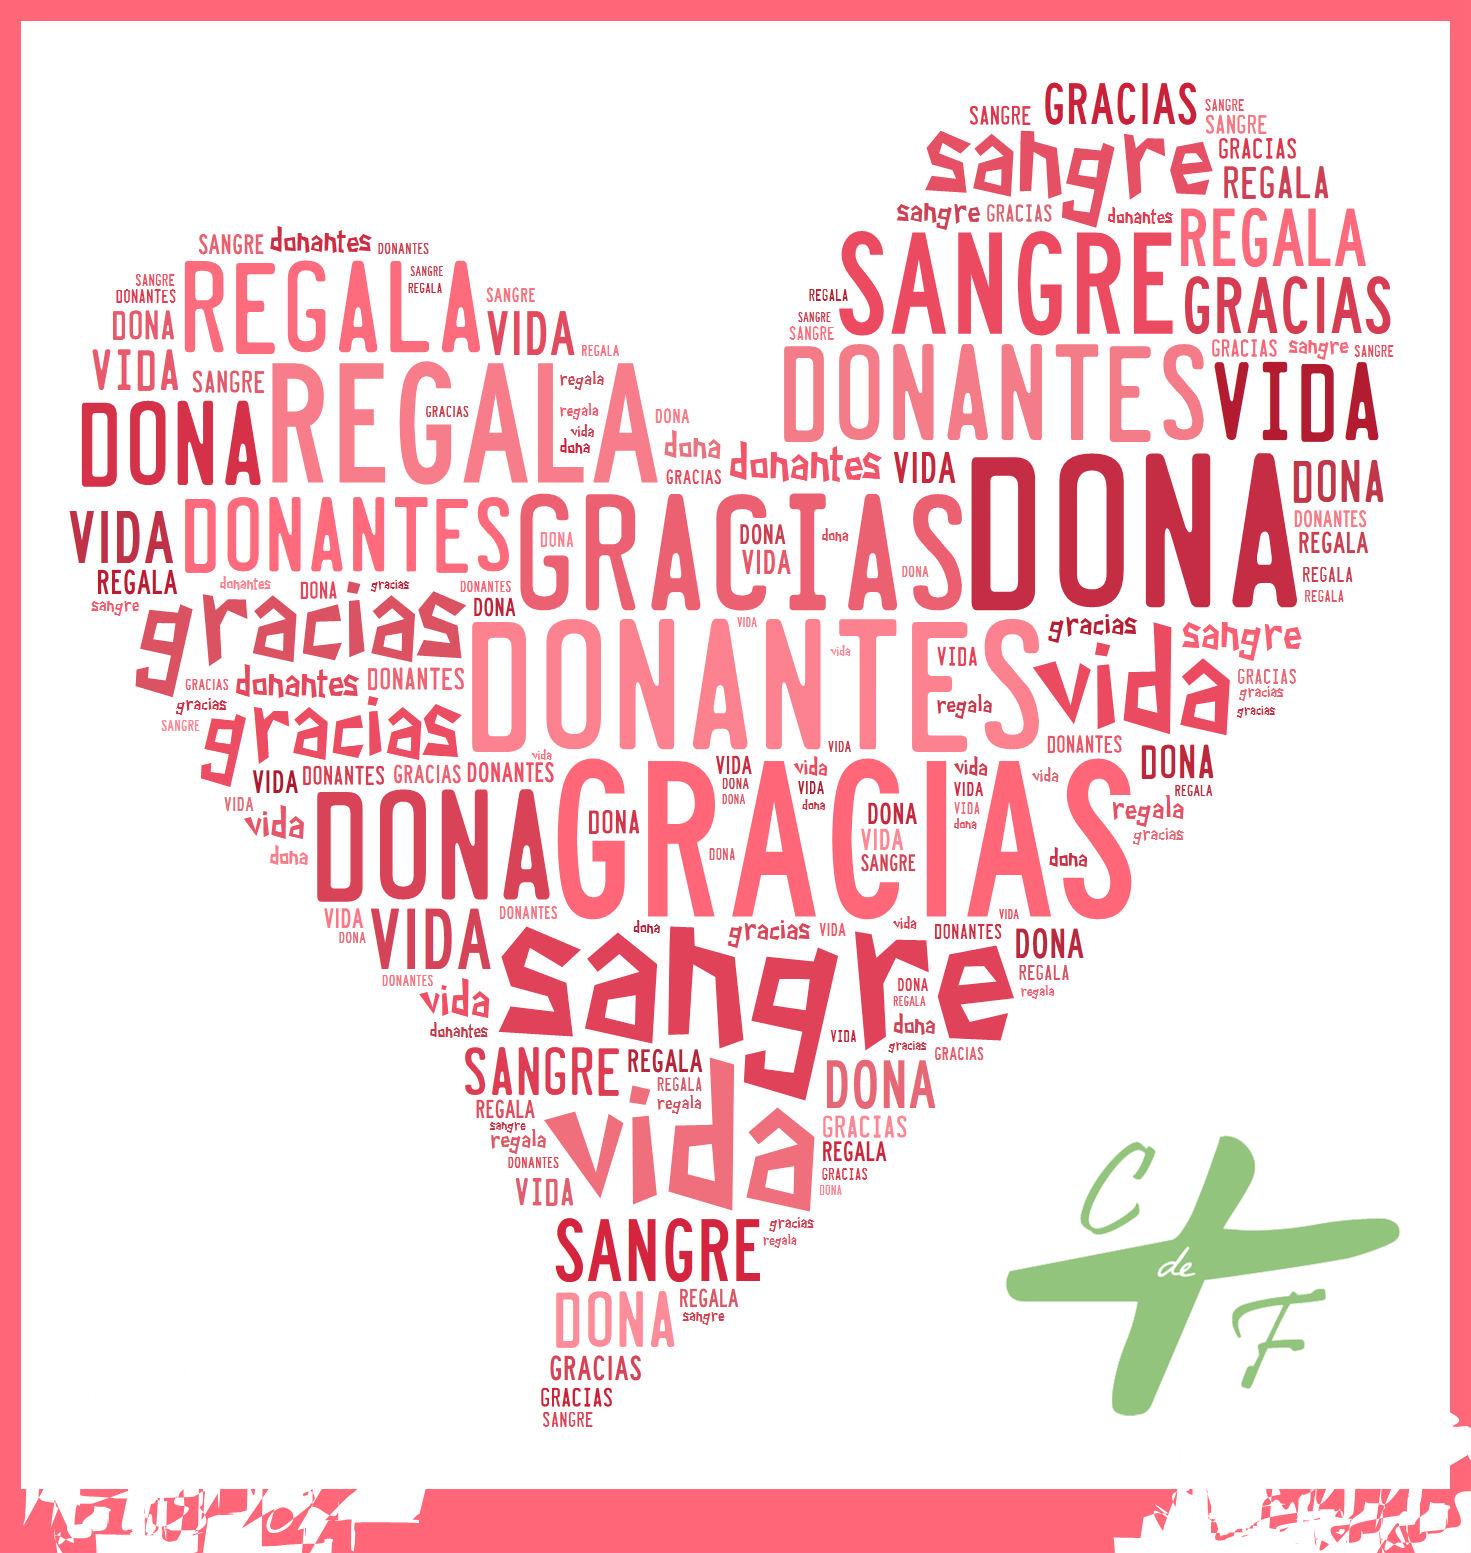 ¡¡GRACIAS!! Día Mundial del Donante de Sangre